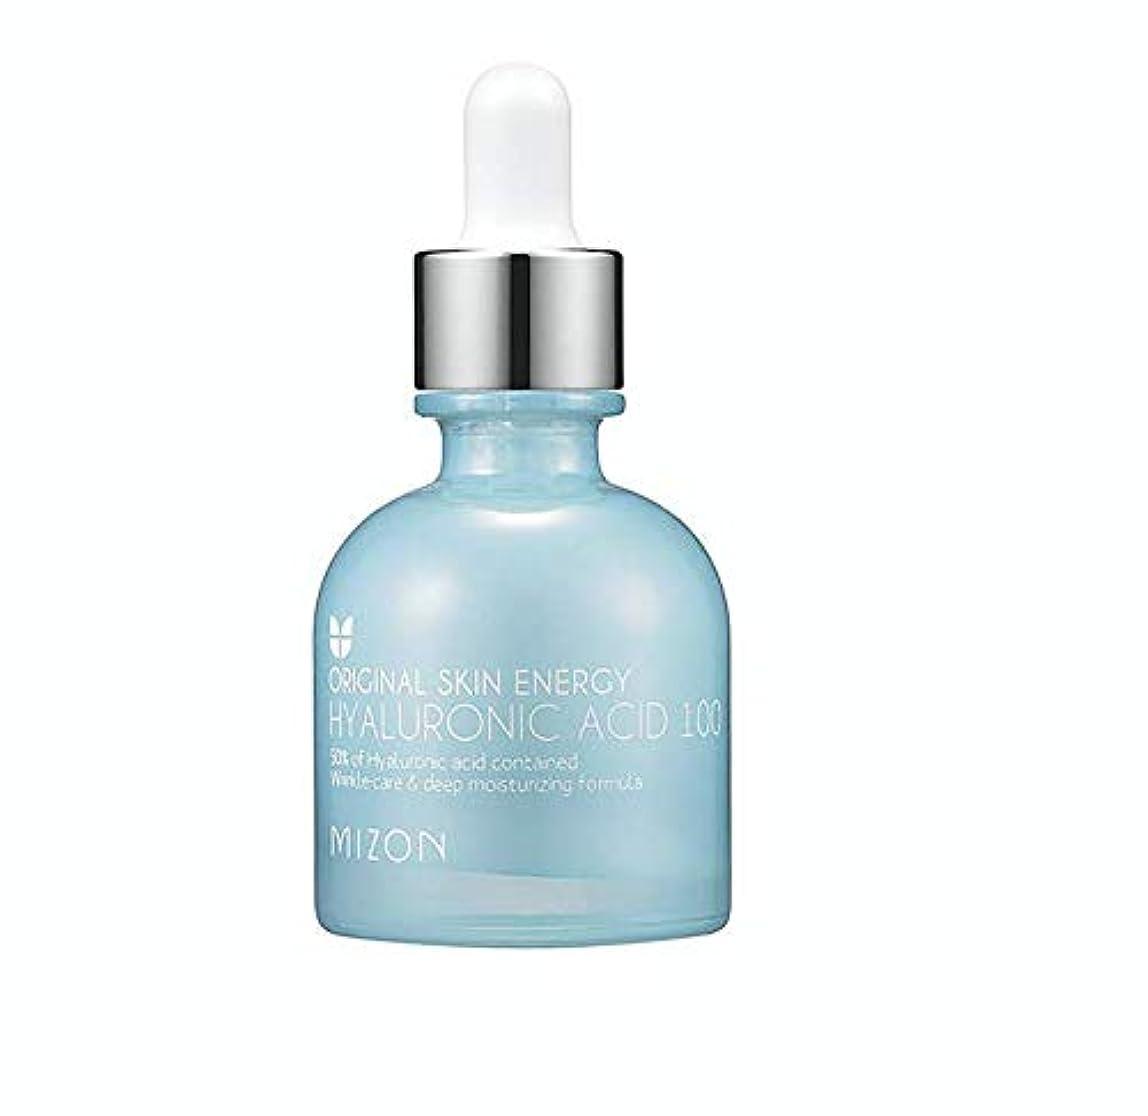 同級生ストライクフットボールMIZON Original Skin Energy Hyaluronic Acid 100 (並行輸入品)